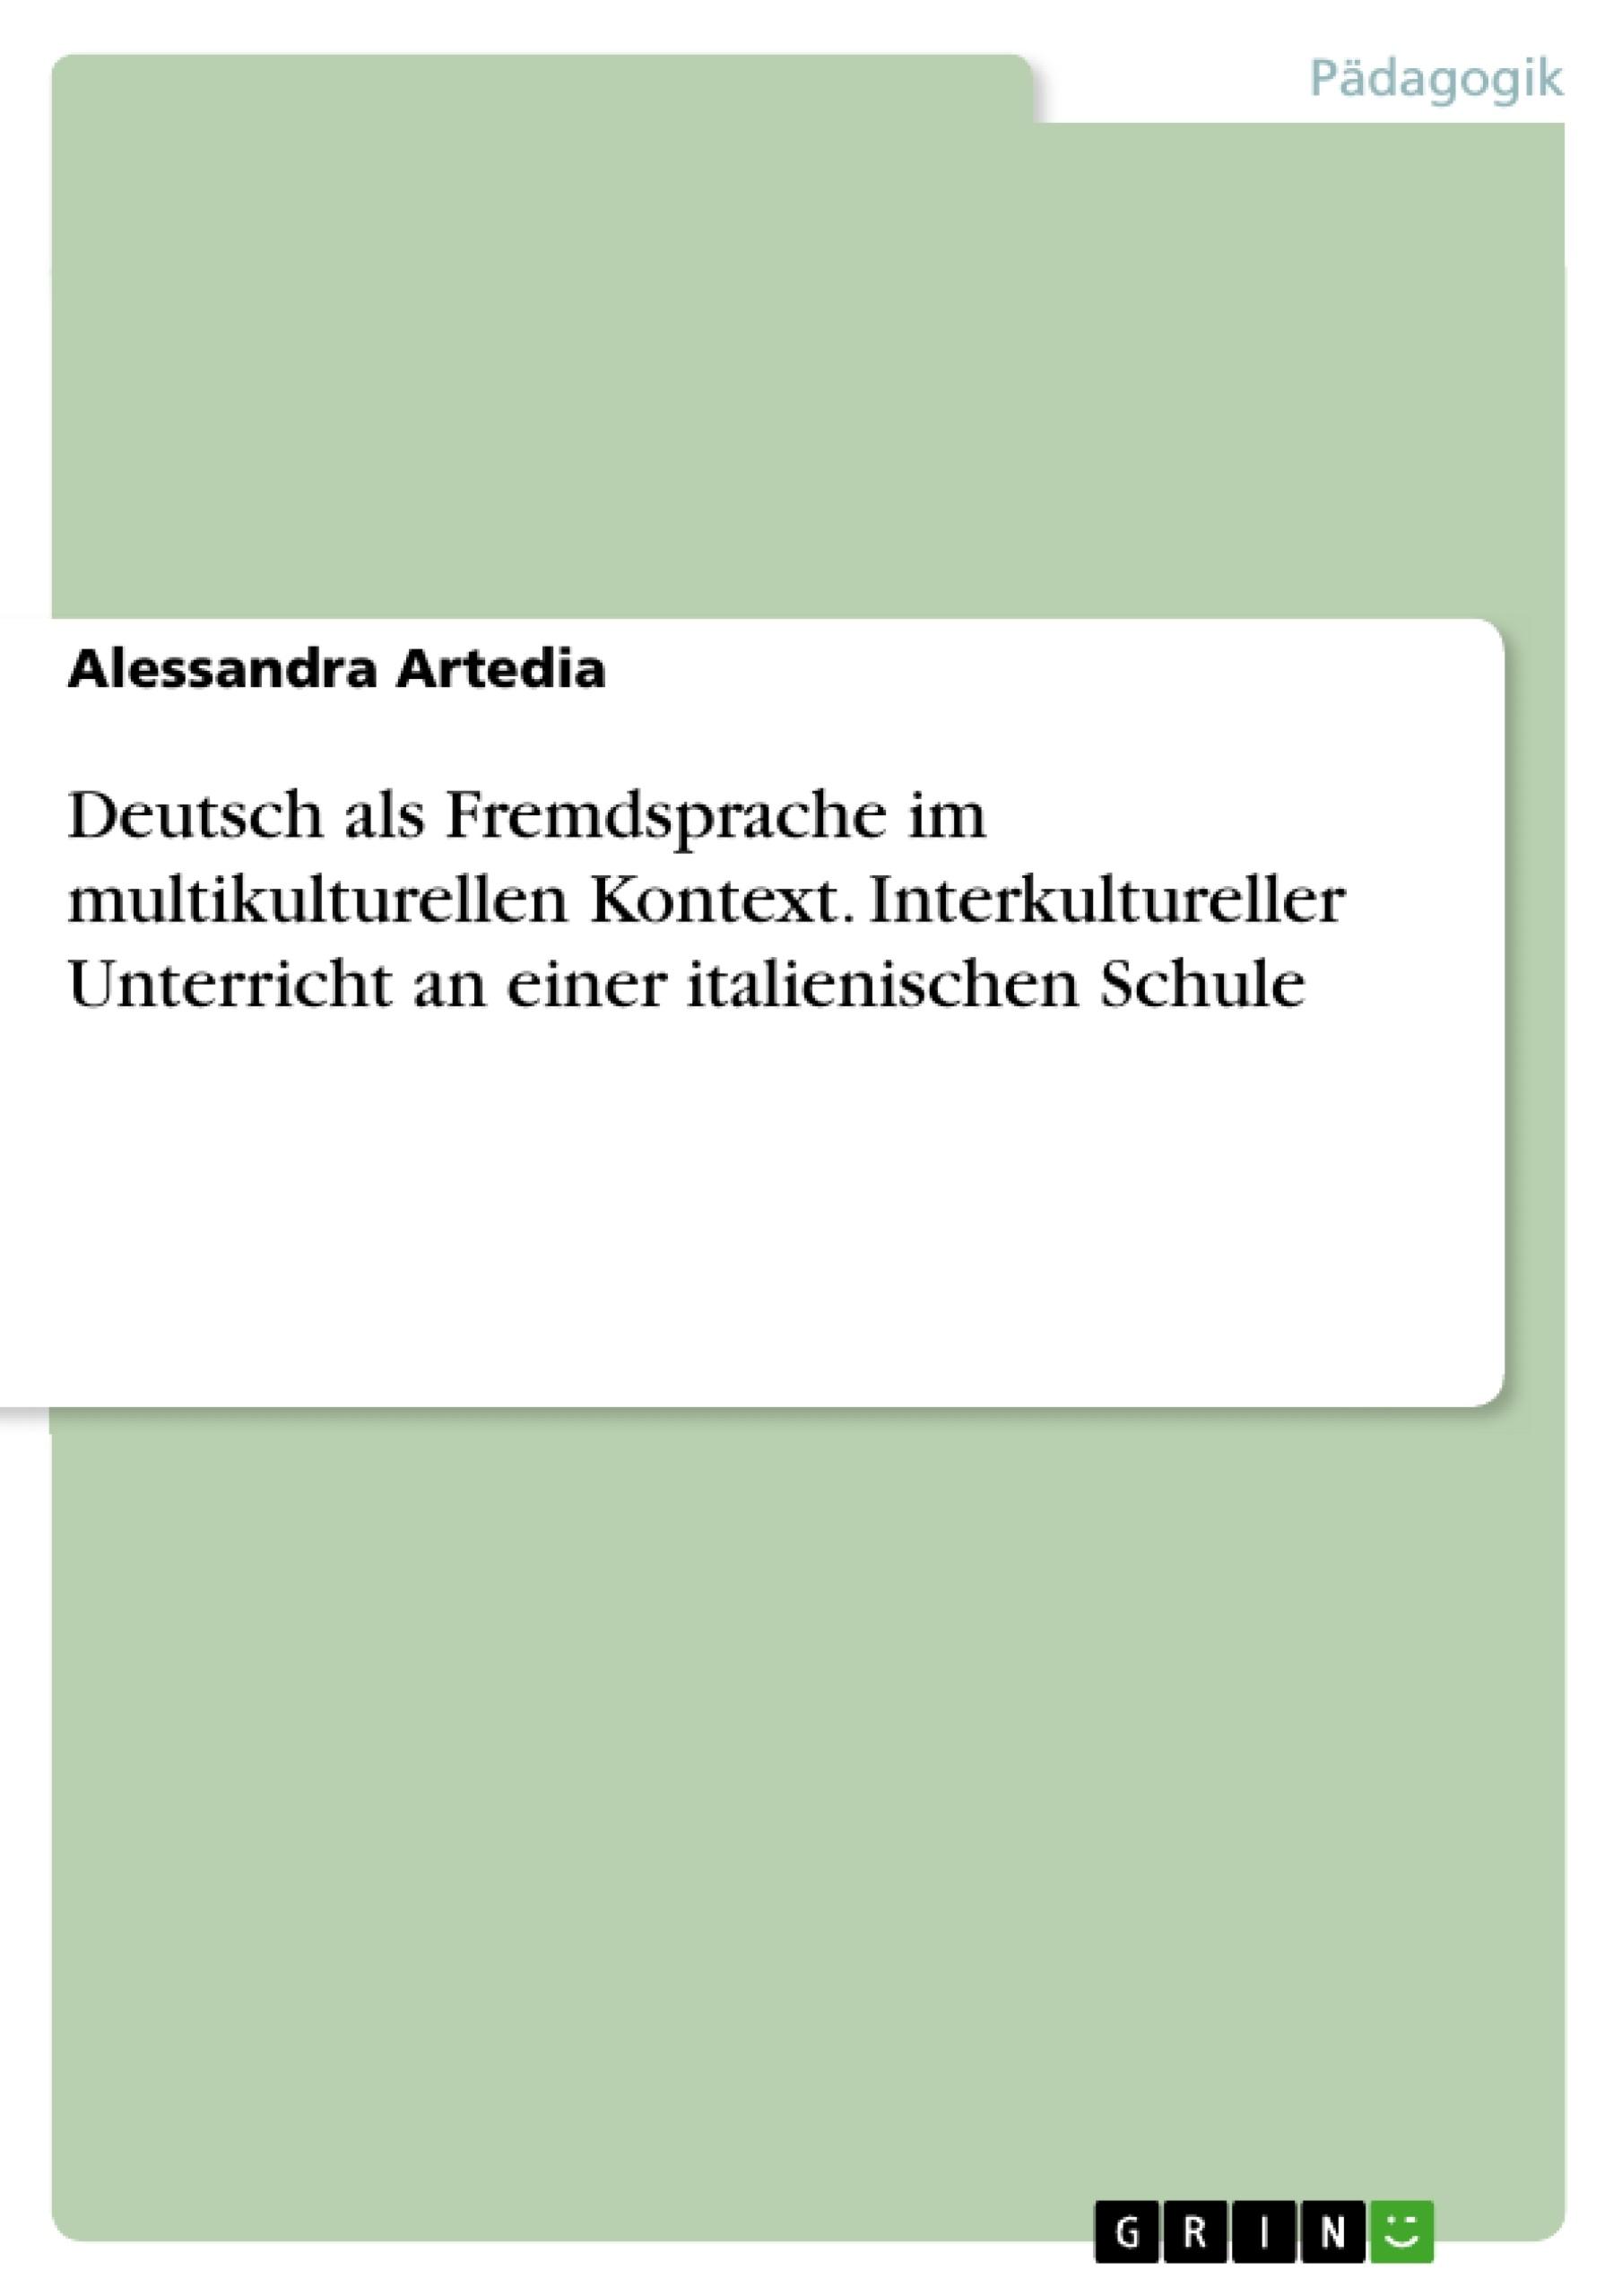 Titel: Deutsch als Fremdsprache im multikulturellen Kontext. Interkultureller Unterricht an einer italienischen Schule